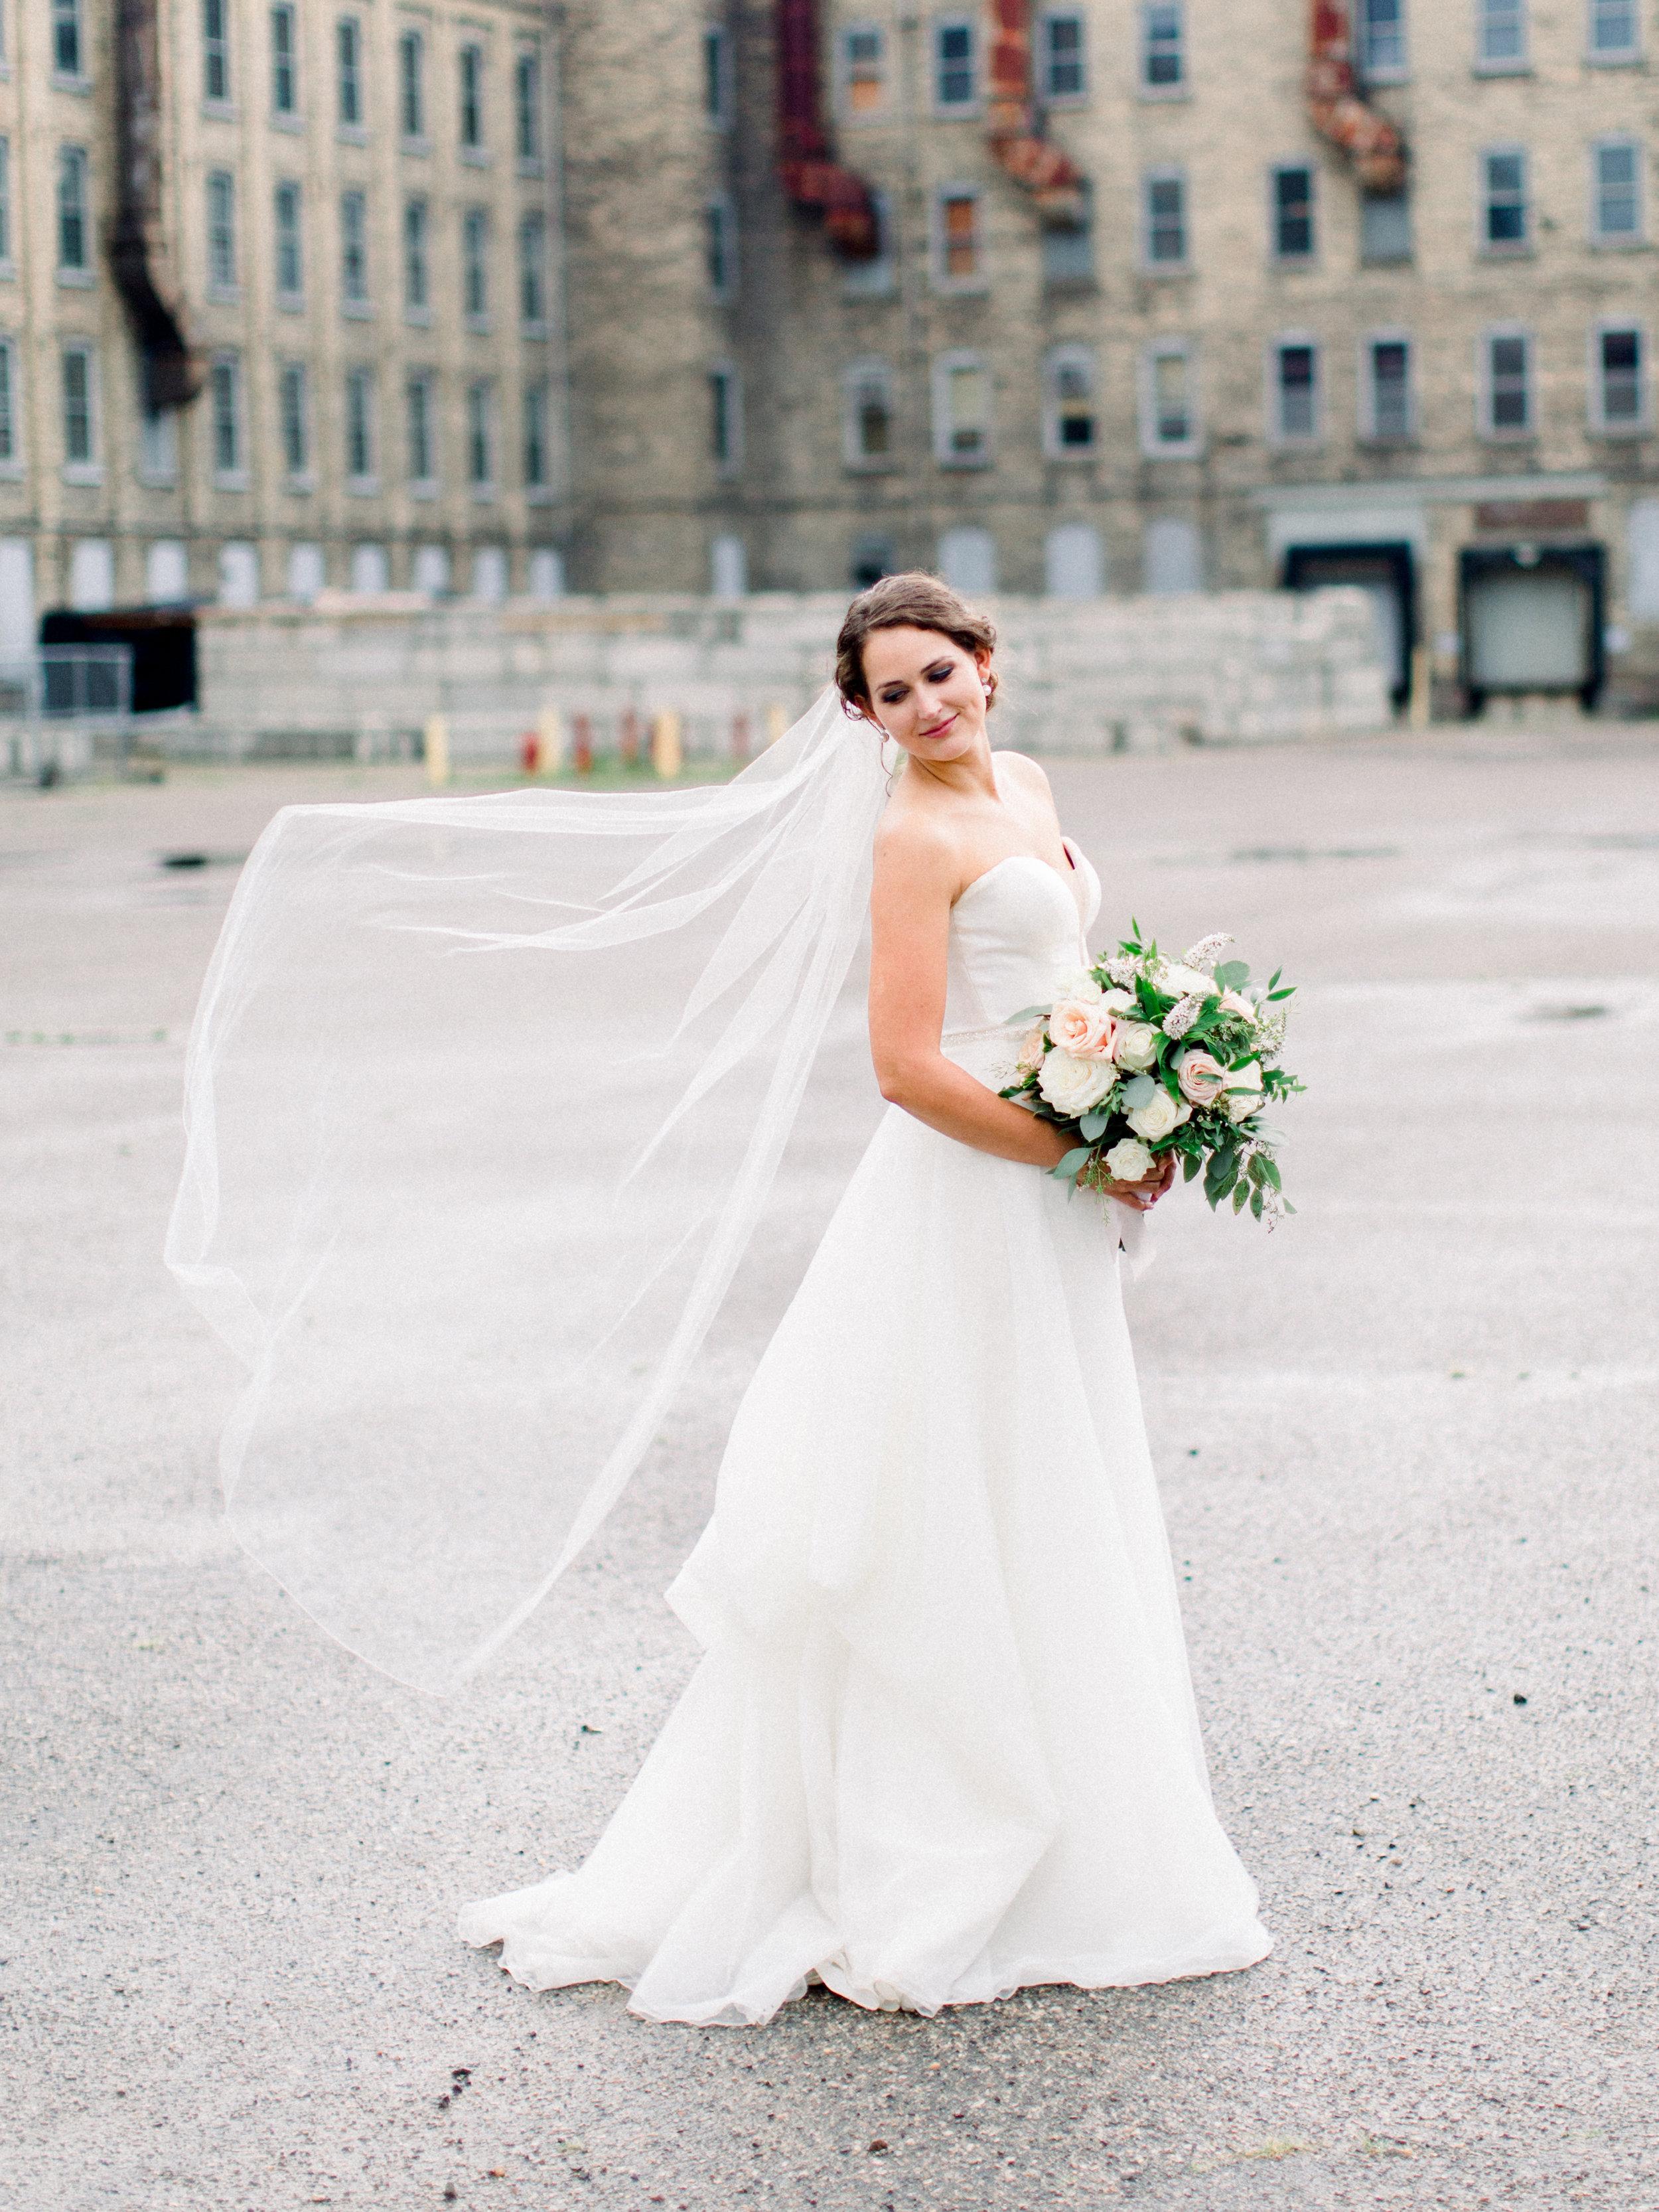 Steiner+Wedding+Bride+Groom+Reception-35.jpg